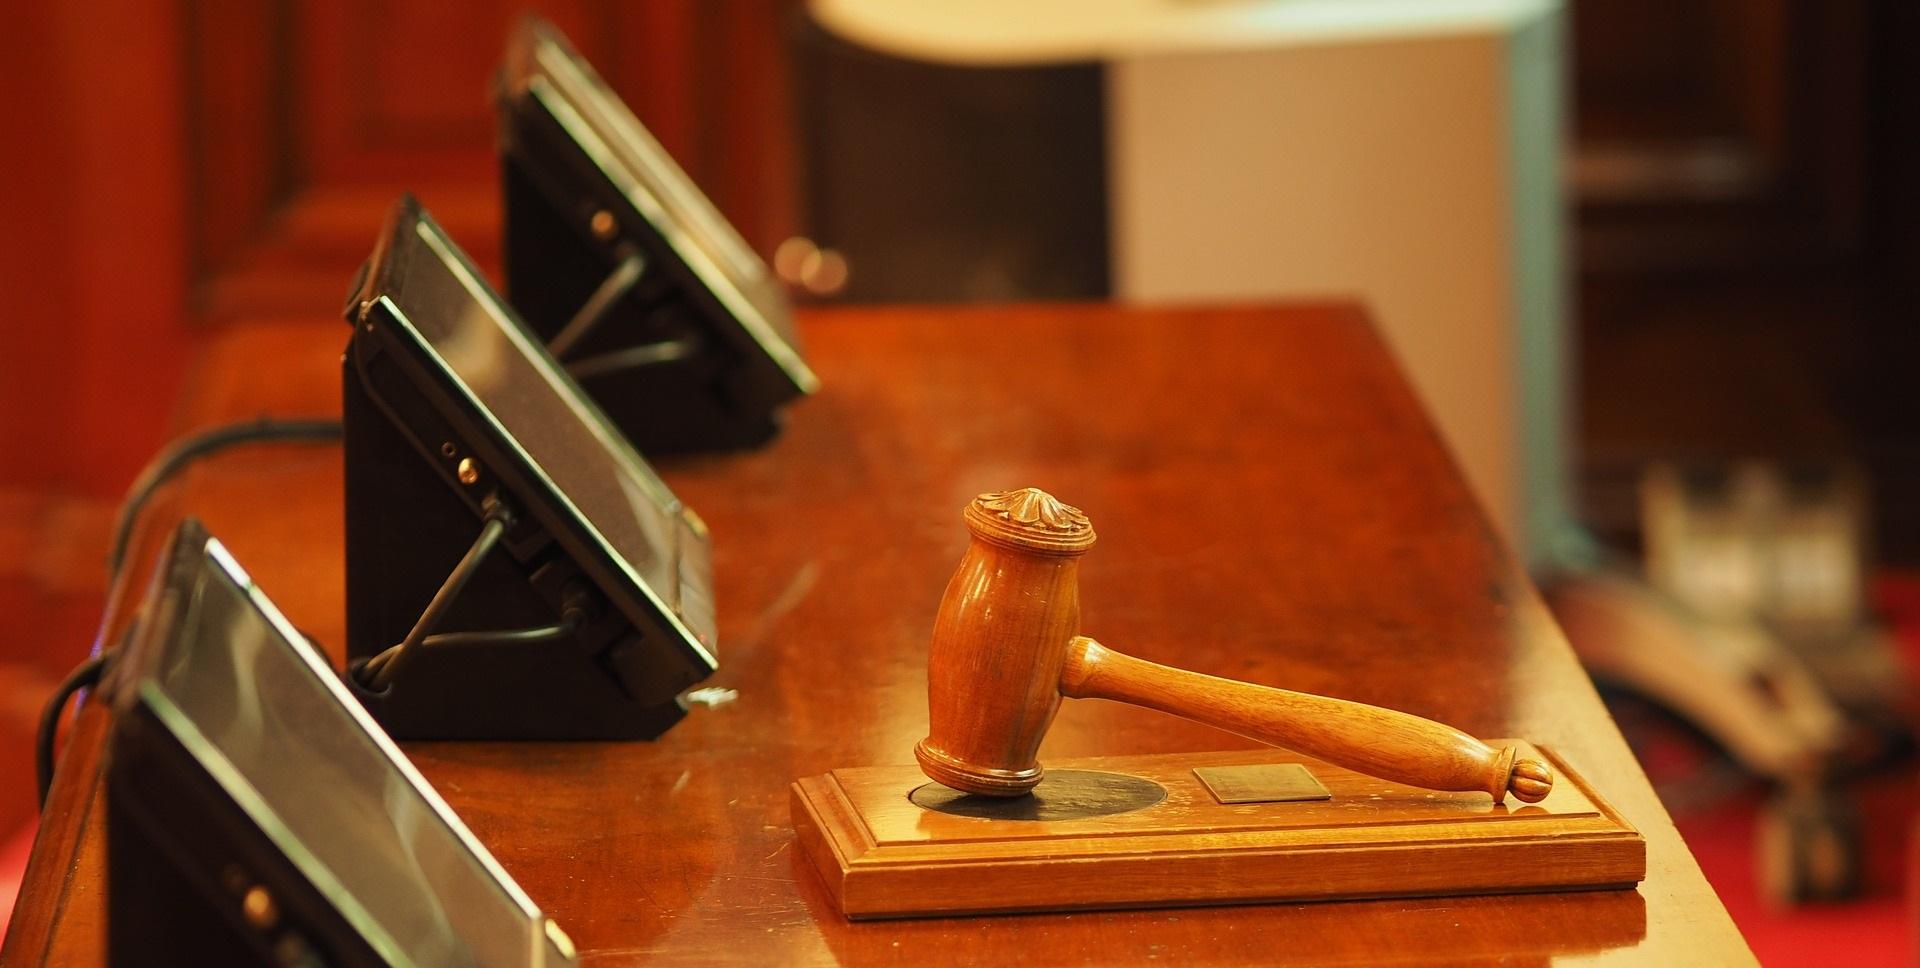 Отмена и приведение в исполнение решений третейских судов Обзор  Отмена и приведение в исполнение решений третейских судов Обзор практики Верховного суда РФ и арбитражных судов округов за ii квартал 2017 года